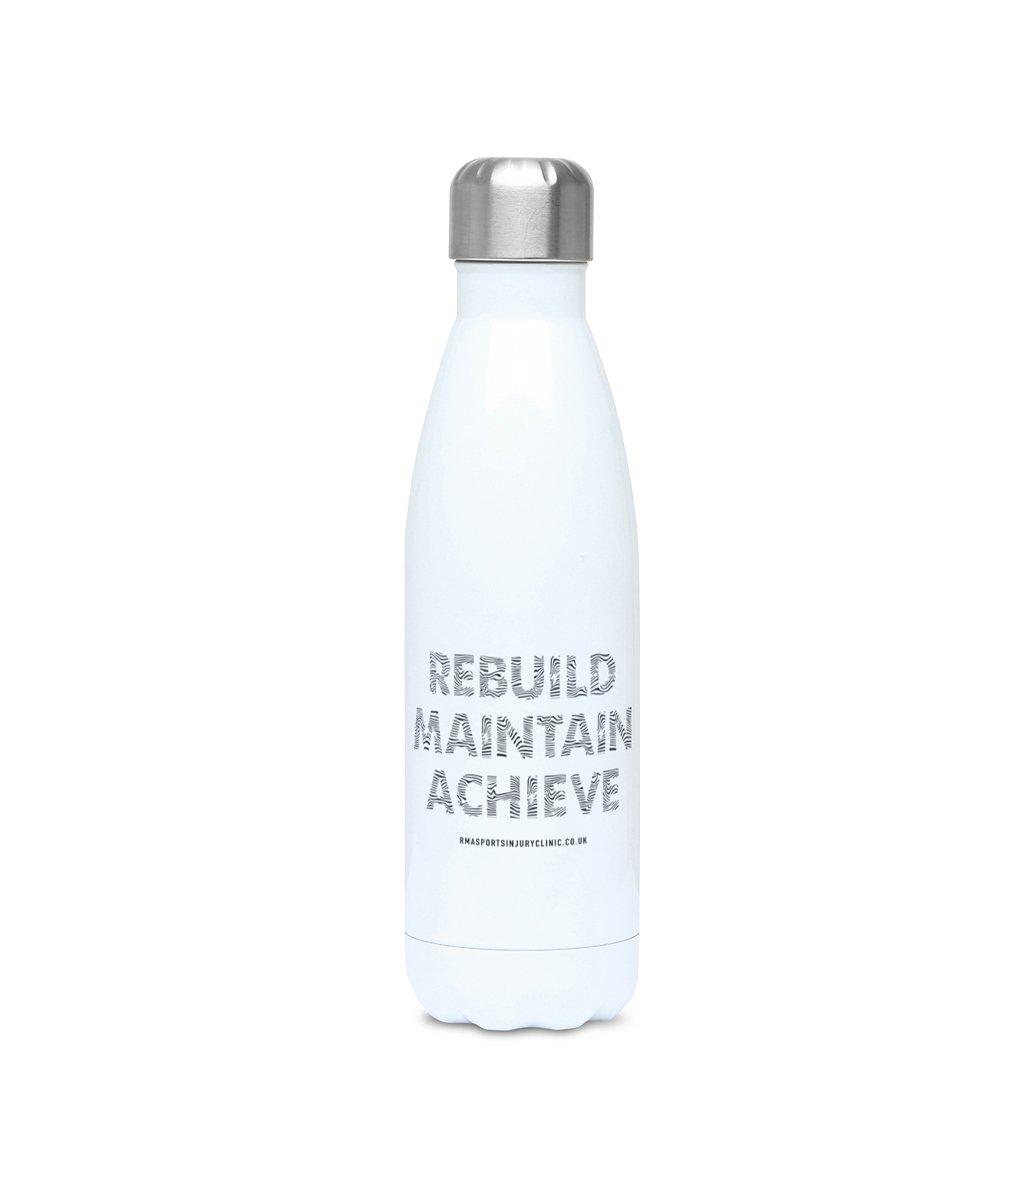 Image of RMA Water Bottle